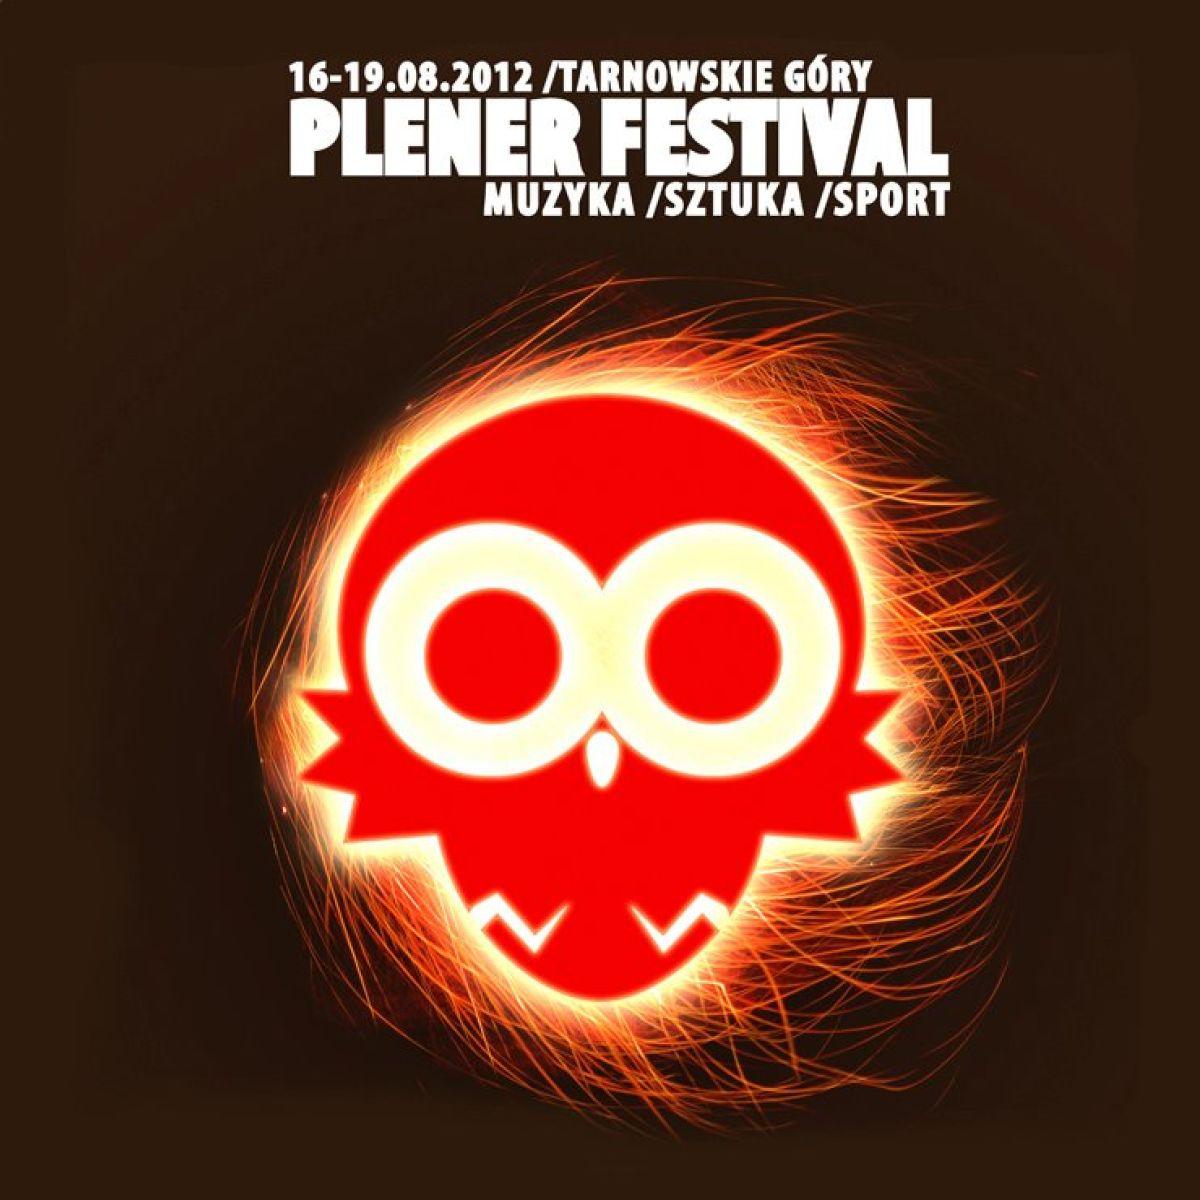 Pod Patronatem Gallery Store: PLENER FESTIVAL 2012 - Festiwal Muzyki, Sztuki i Sportu.